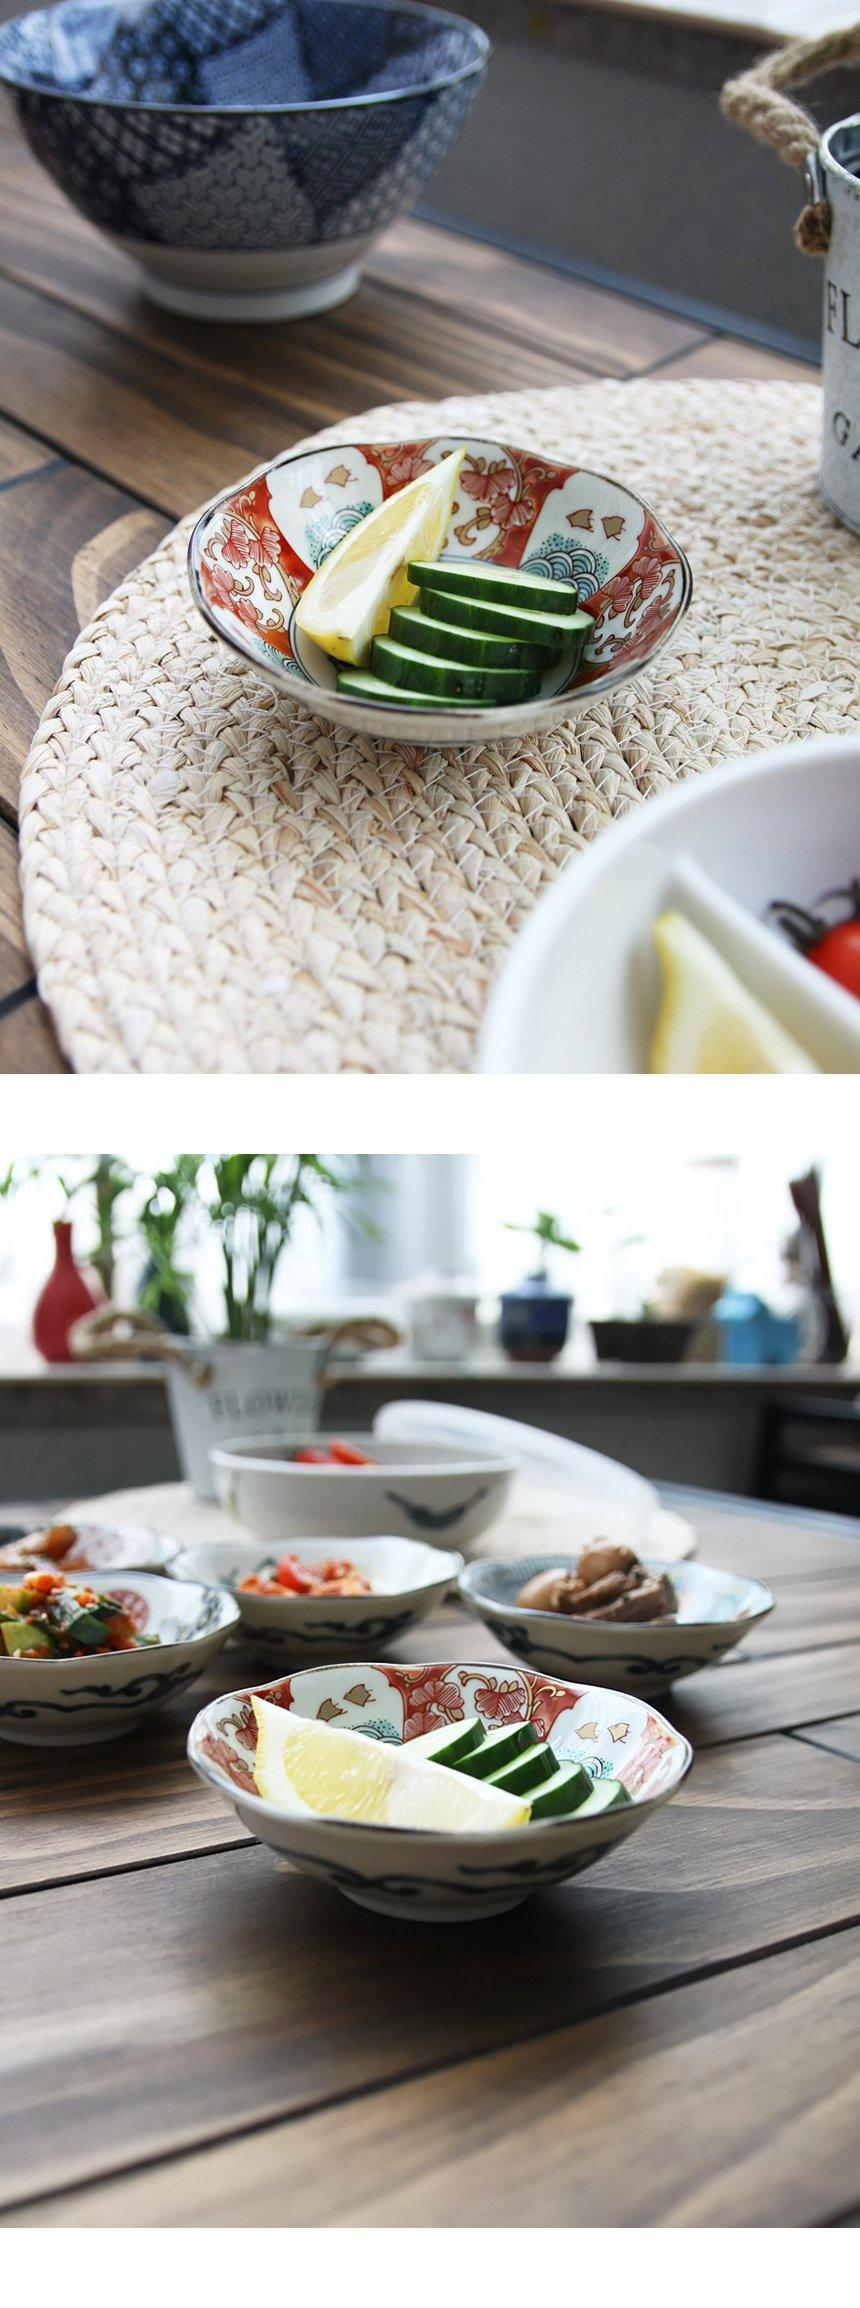 히카루 찬기 11cm - 로메이키친A, 6,500원, 접시/찬기, 접시